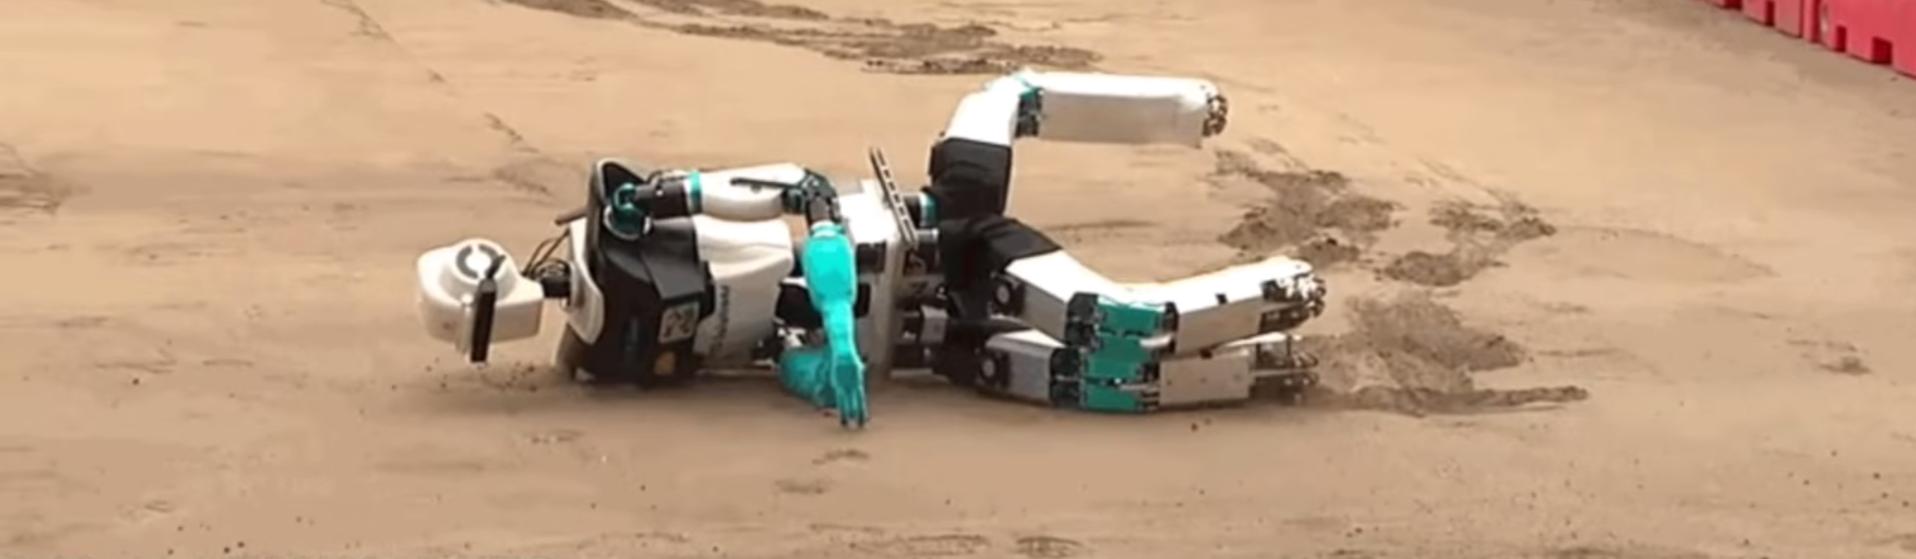 Die Weltherrschaft der Roboter verschiebt sich auf unbestimmte Zeit